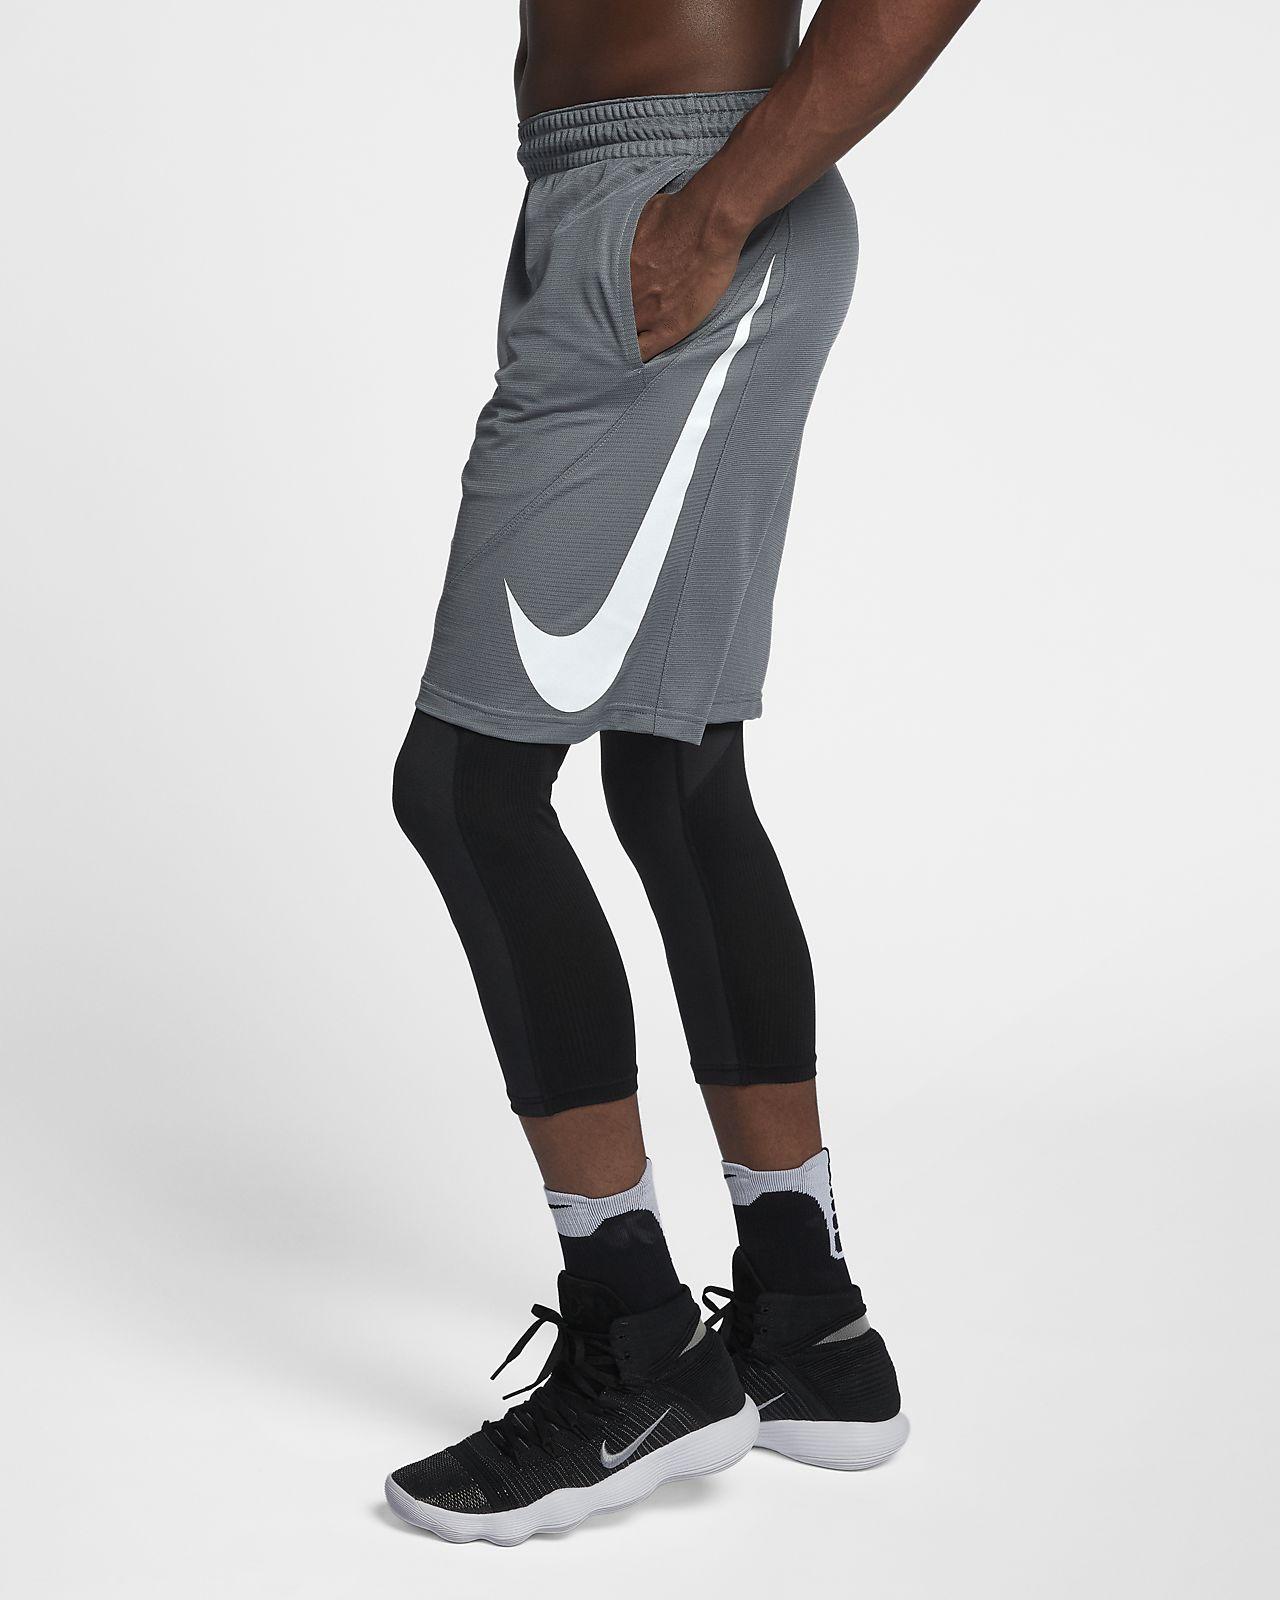 Shorts da basket Nike HBR - Uomo